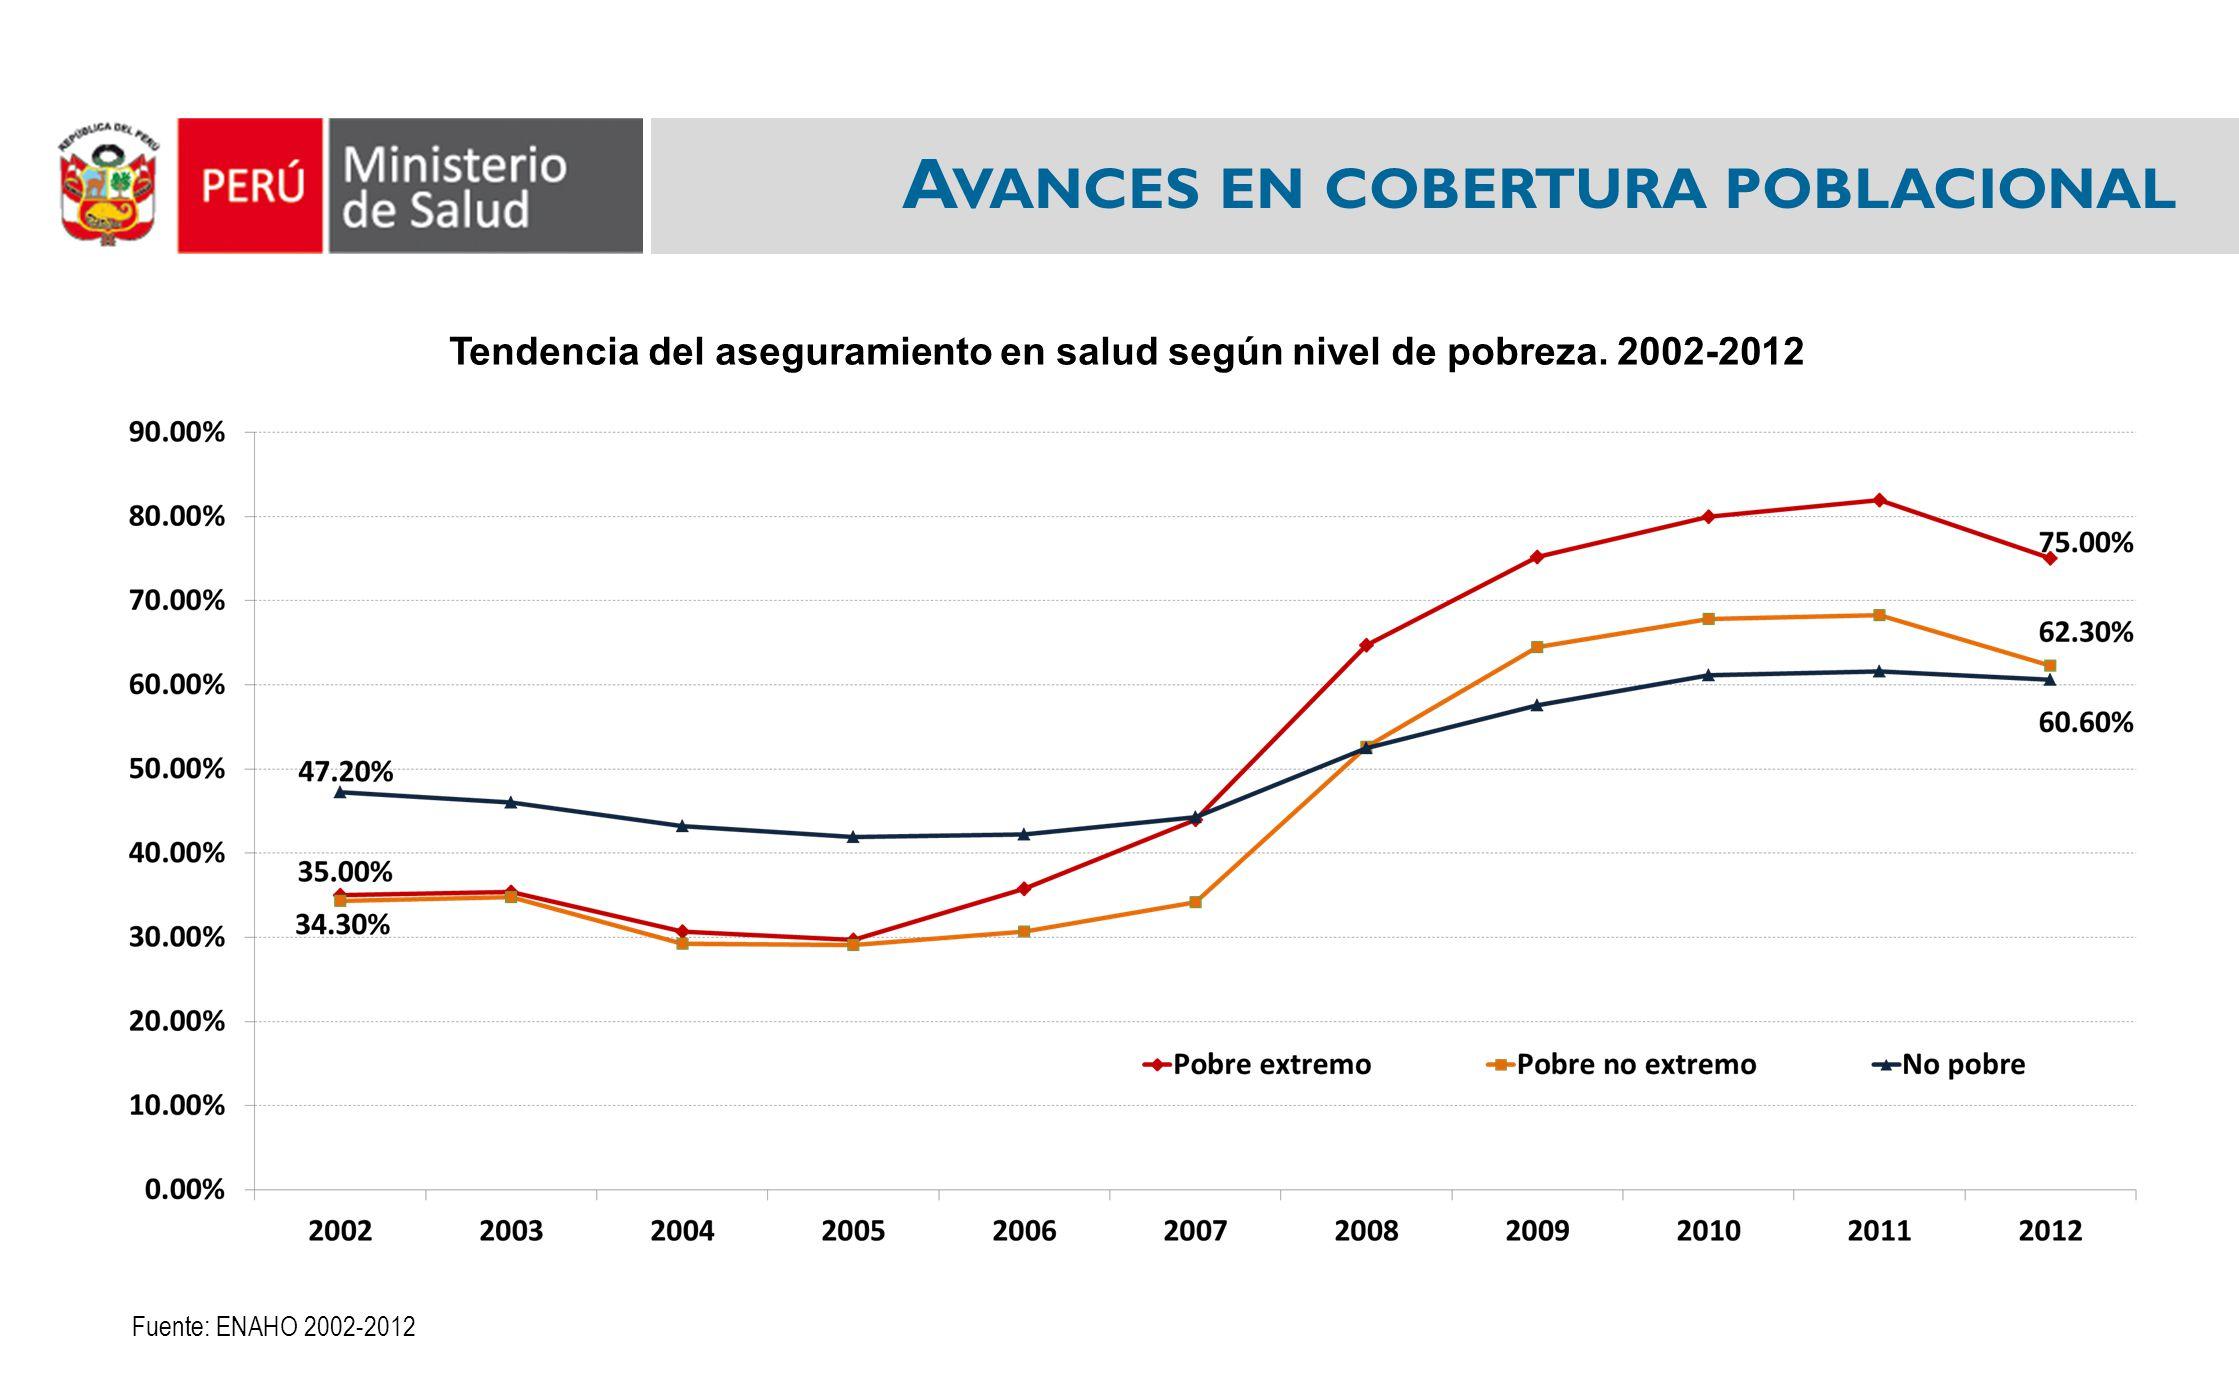 A VANCES EN COBERTURA POBLACIONAL Fuente: ENAHO 2002-2012 Tendencia del aseguramiento en salud según nivel de pobreza. 2002-2012